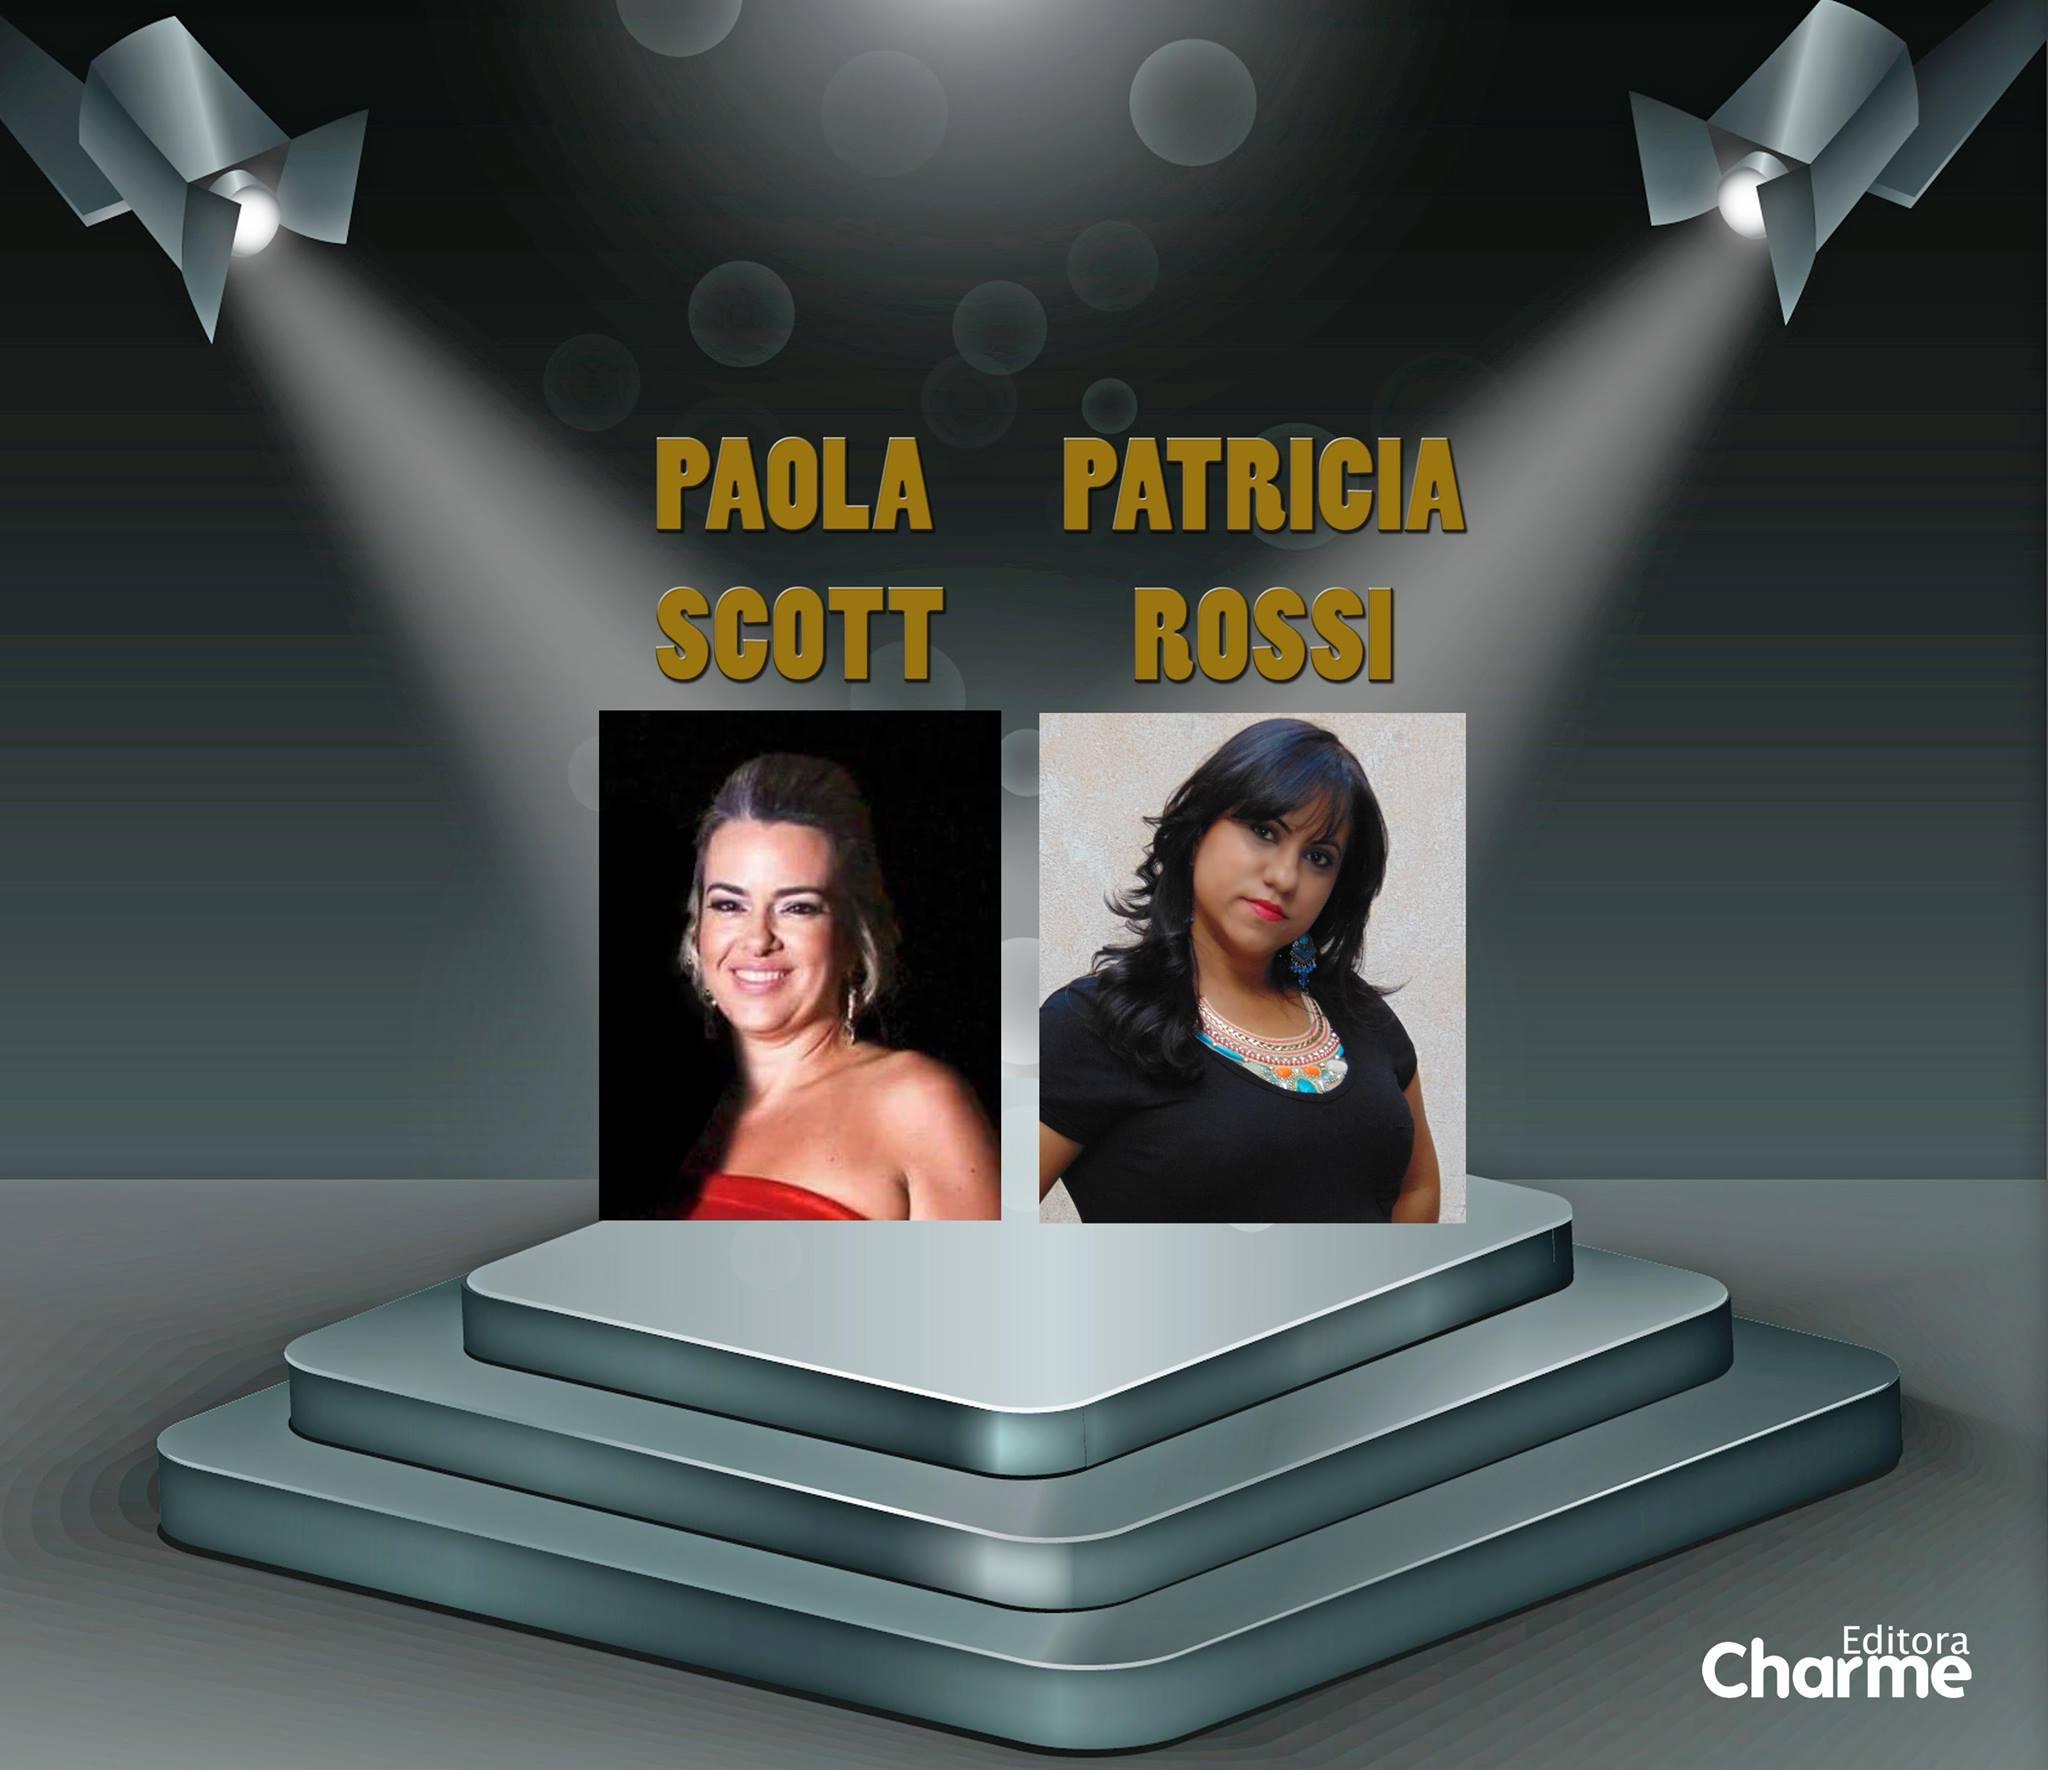 Paola Scott e Patricia Rossi